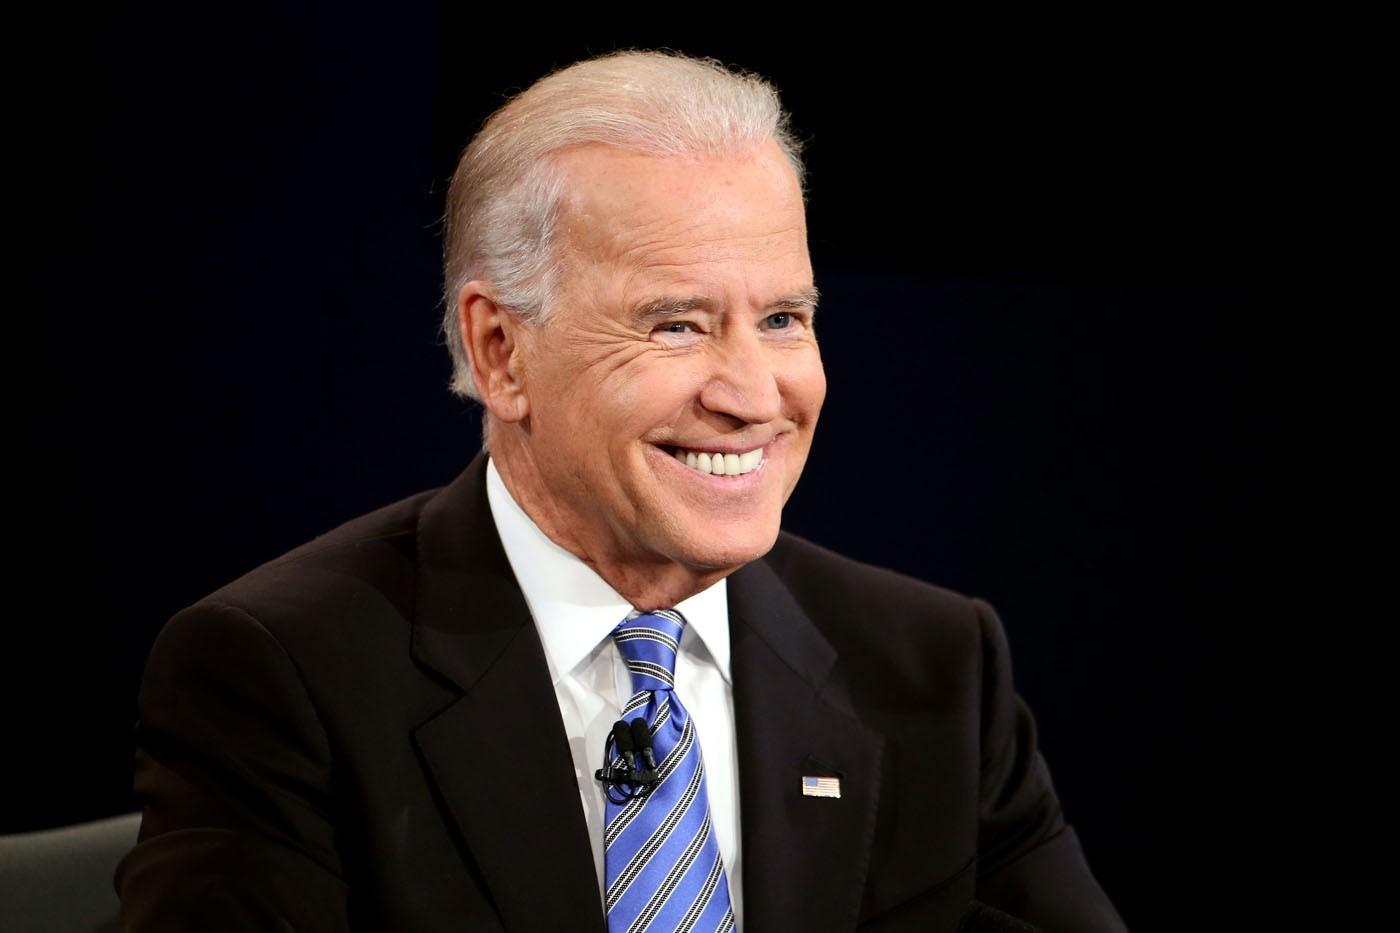 Байден: изменя могбы получиться превосходный президент США